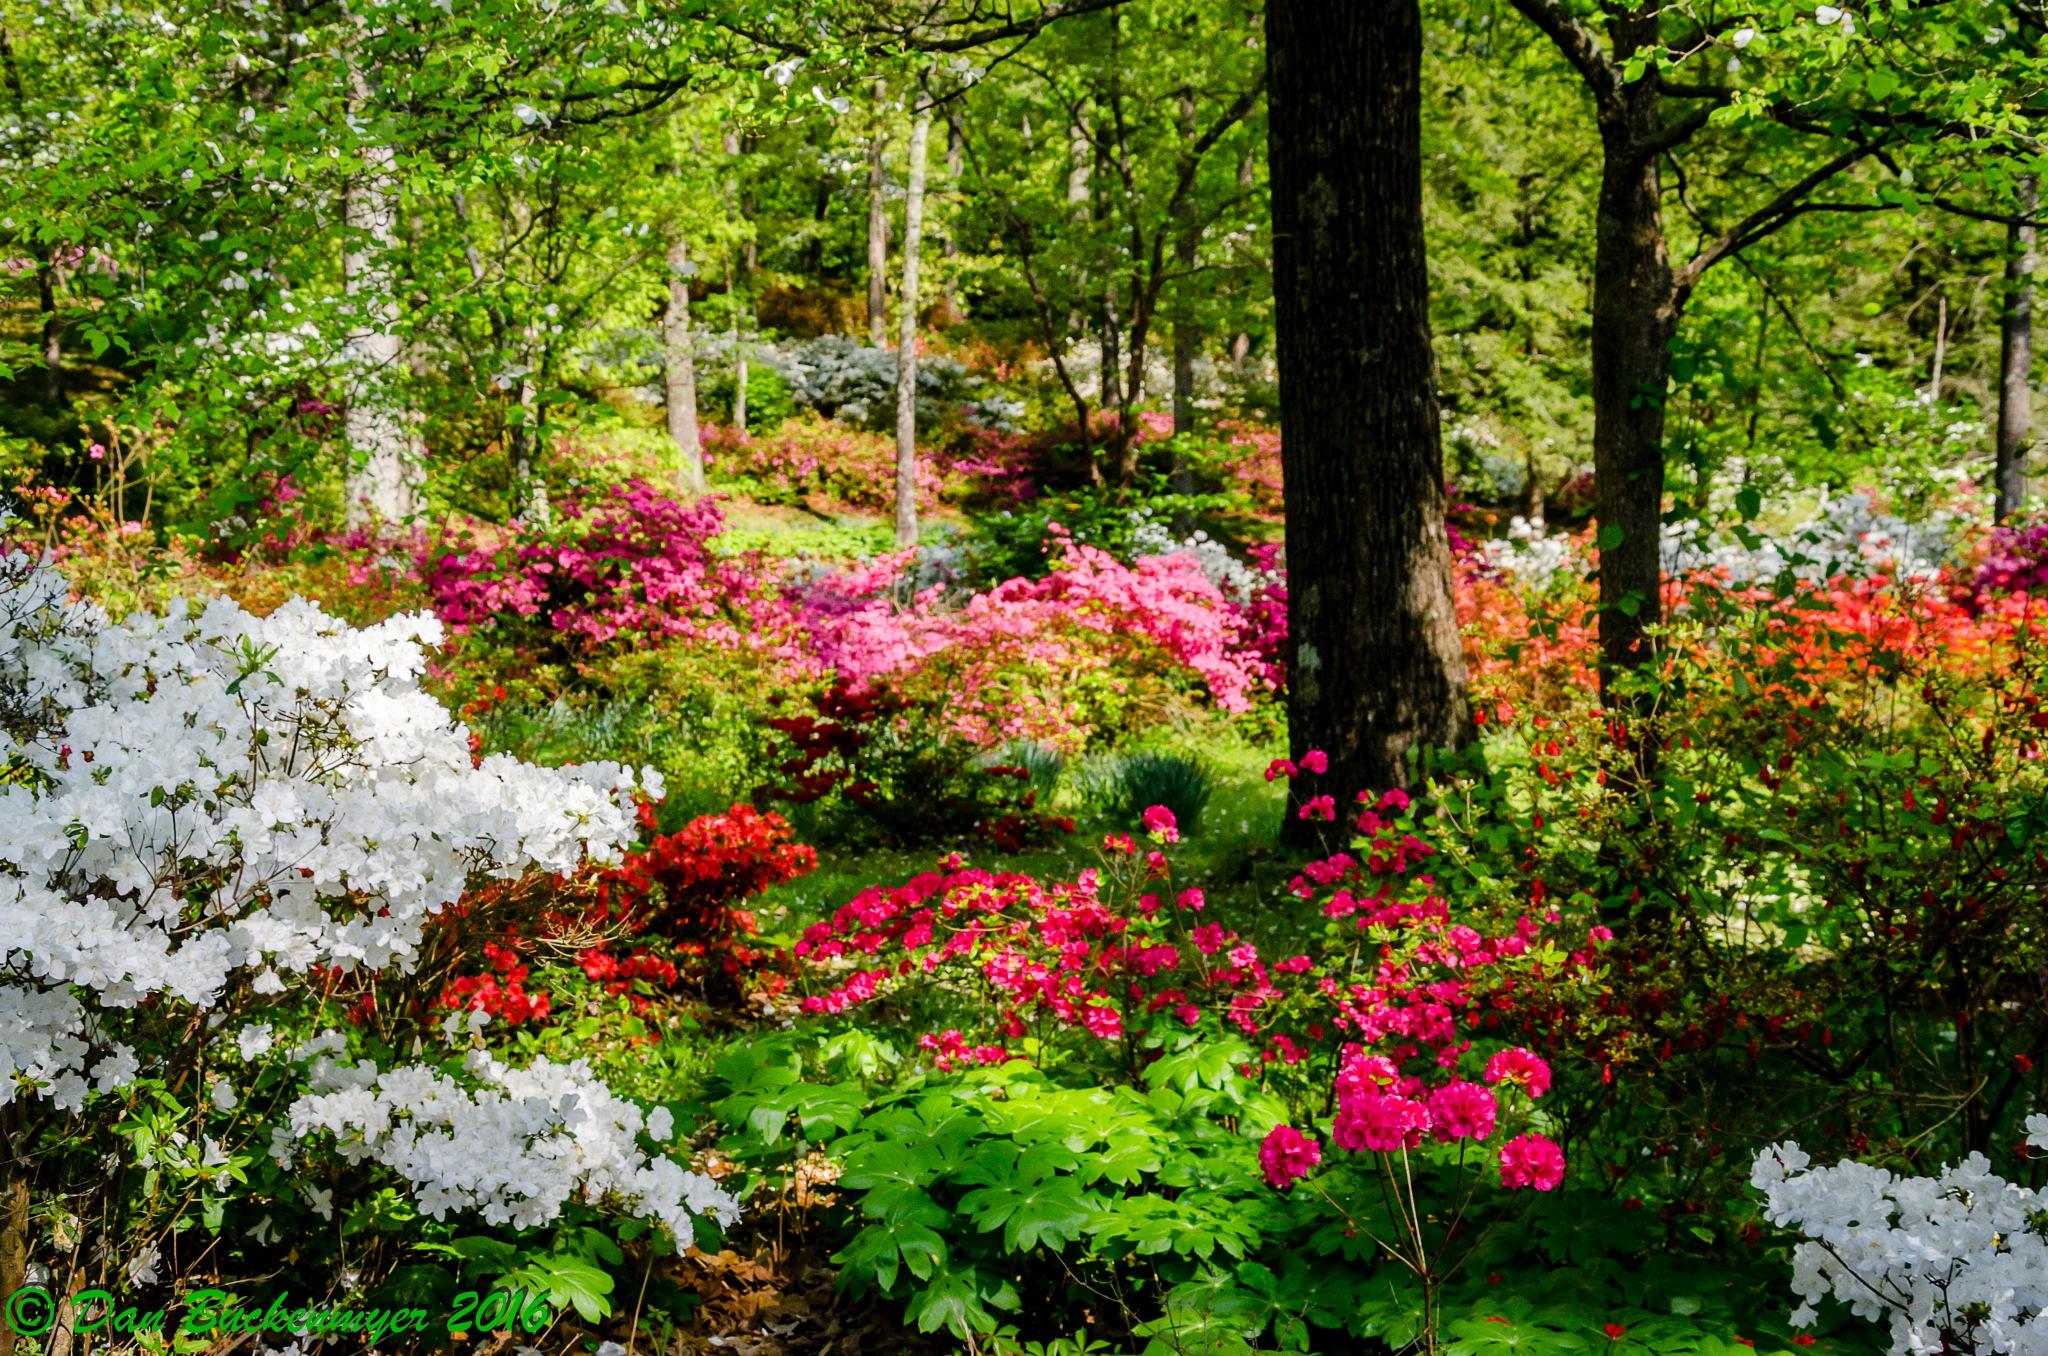 Pinecrest Azalea Gardens by Dan Buckenmyer